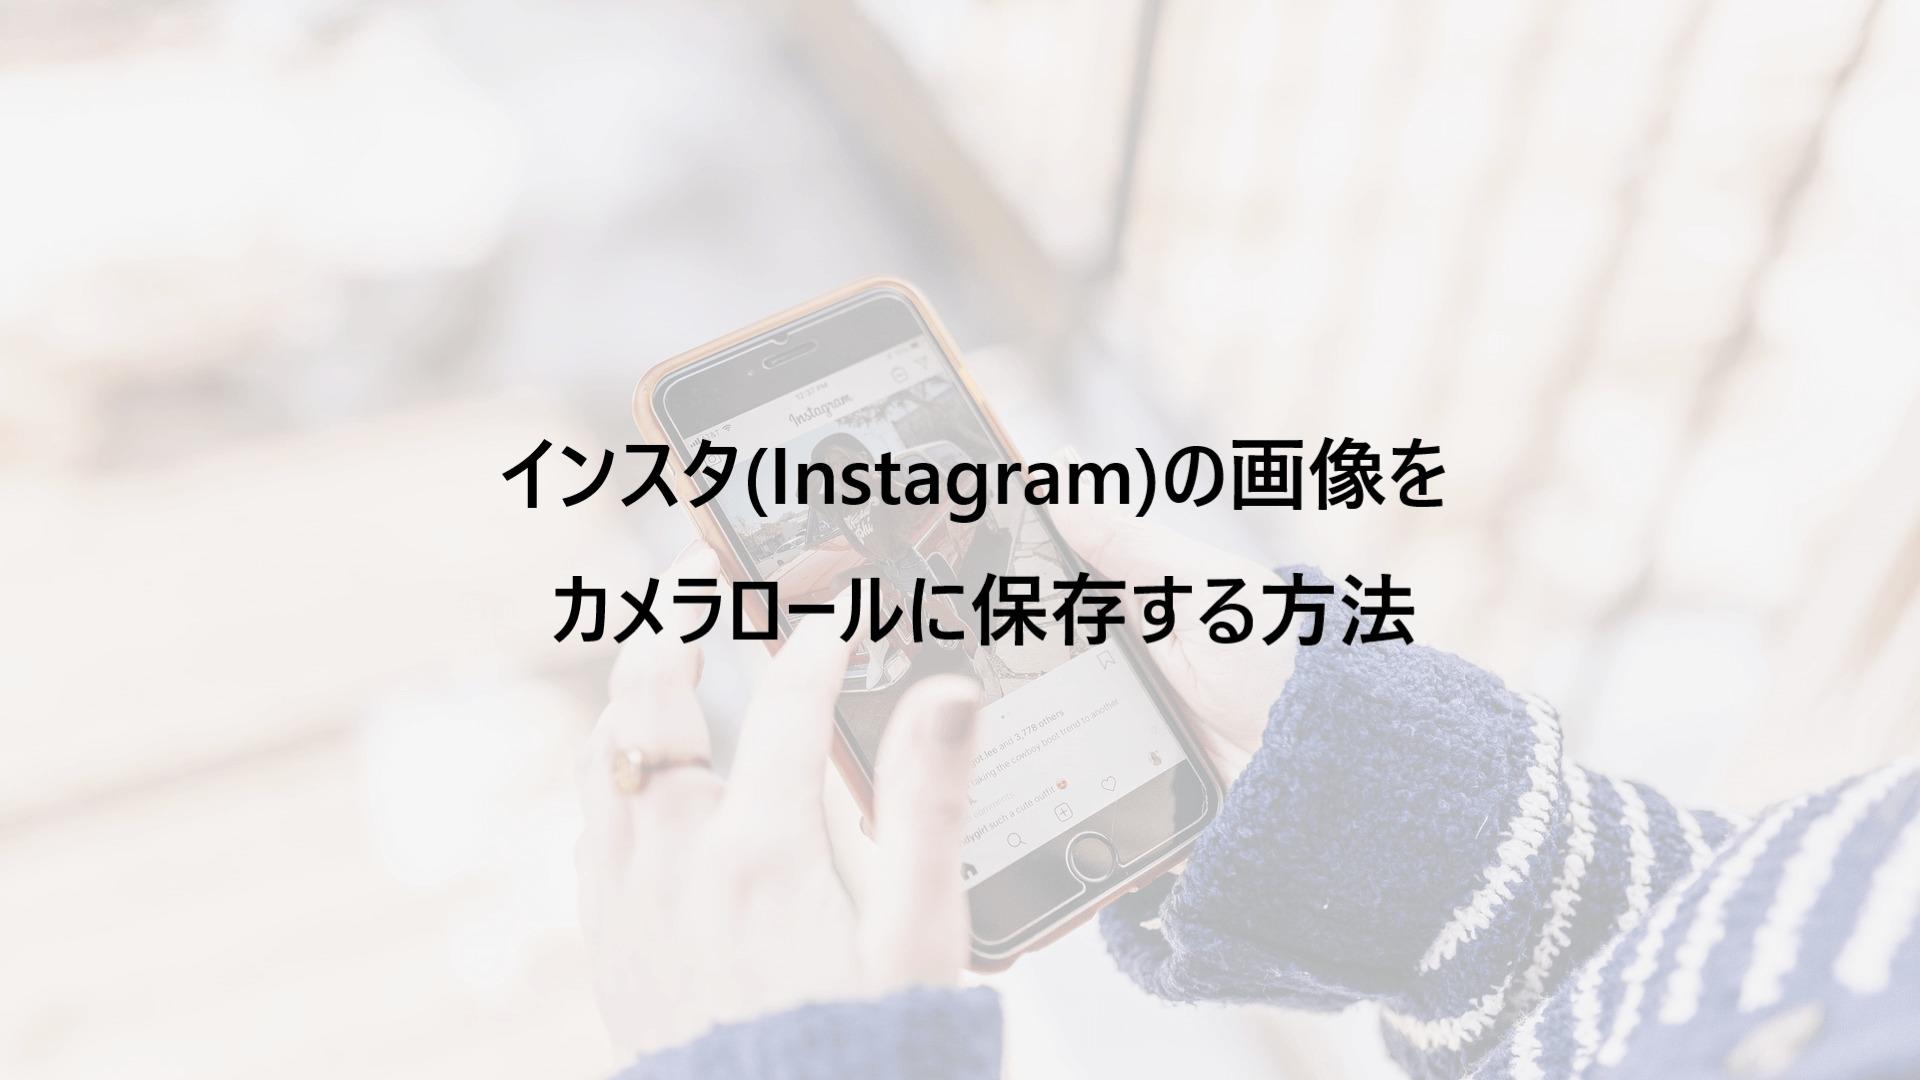 インスタ(Instagram)の画像をカメラロールに保存する方法